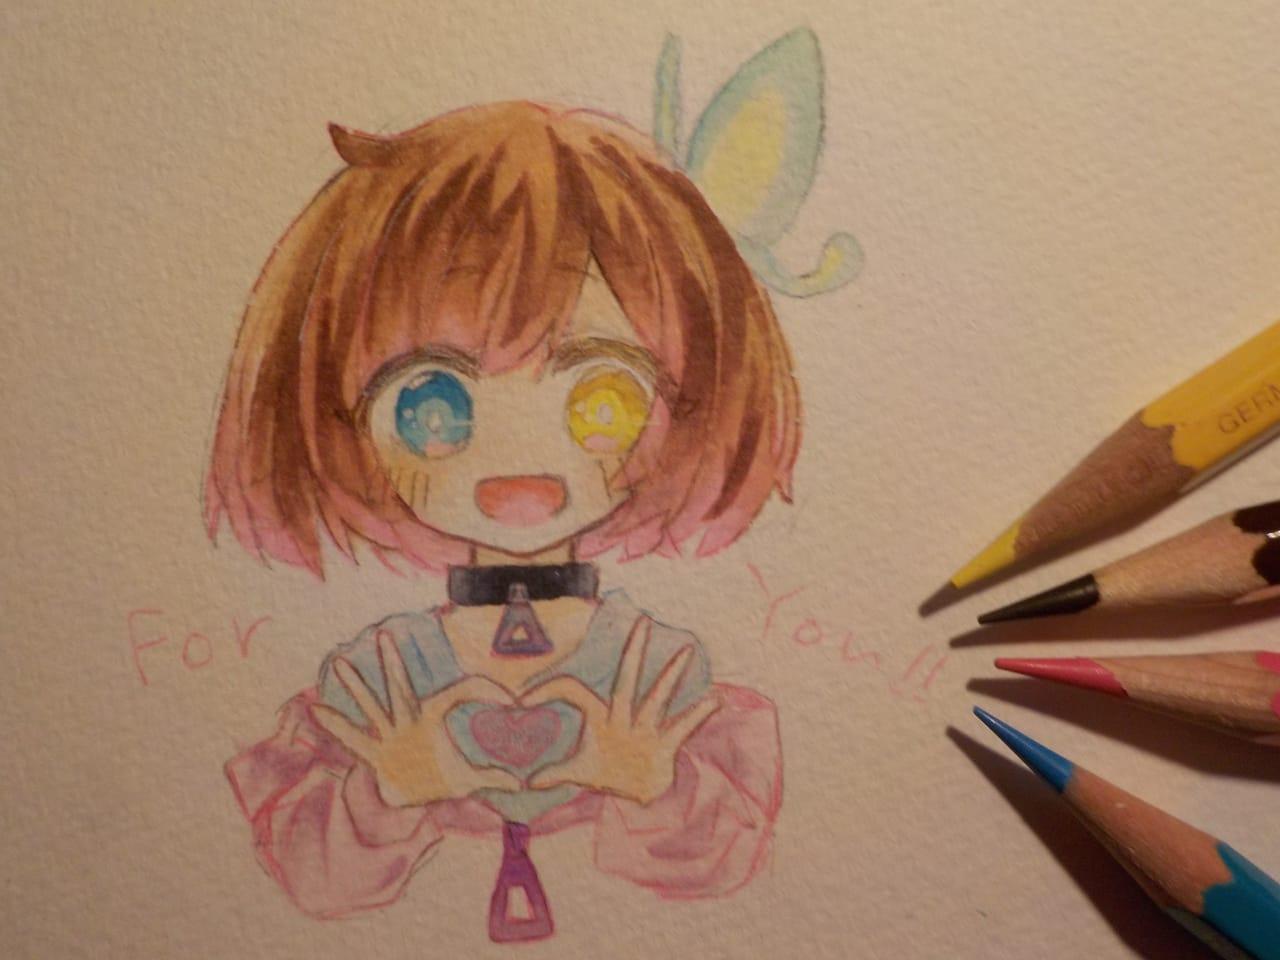 きよちゃん。様の代理ちゃんを描かせていただきました! Illust of めだまやき#中2病 アナログ ふぉろわーさんの代理さんを借りよう大作戦 angel 天気 smile Copic coloredpencil きよちゃん kawaii chibi